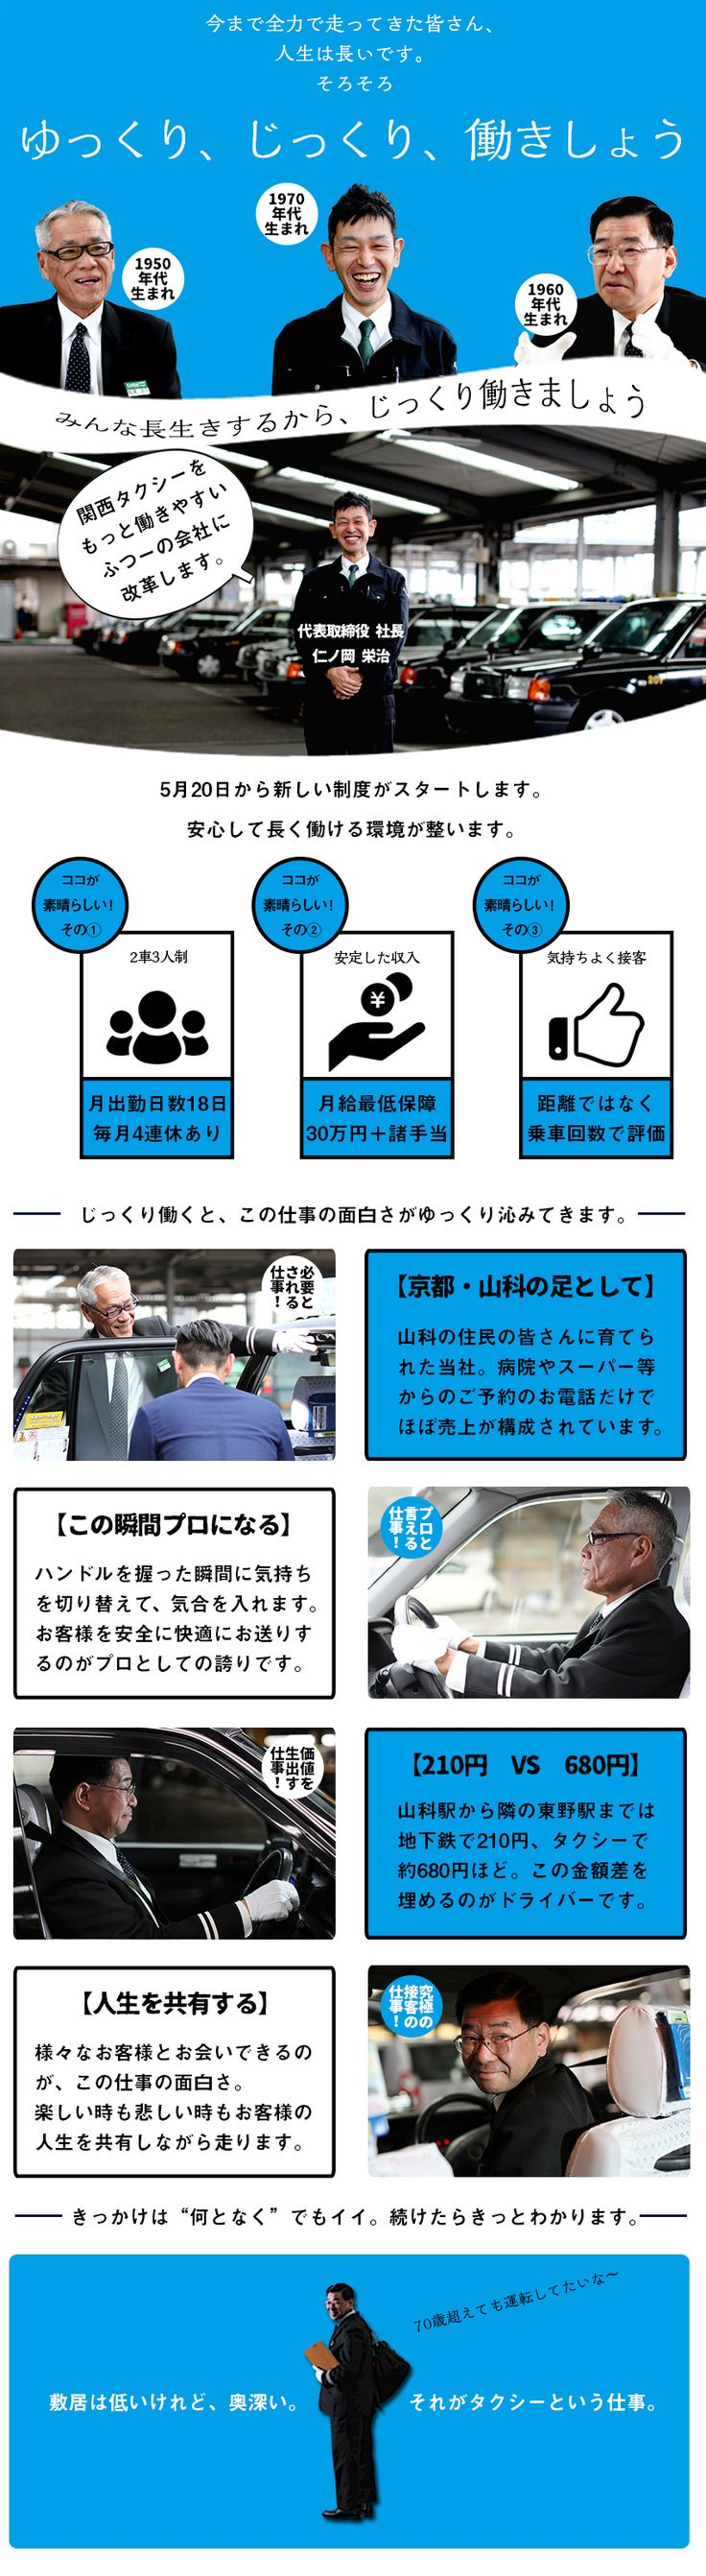 関西タクシー株式会社/月給最低30万円保障のタクシードライバー(月出勤日数18日/毎月4連休あり/転勤なし)の求人PR - 転職ならDODA(デューダ)